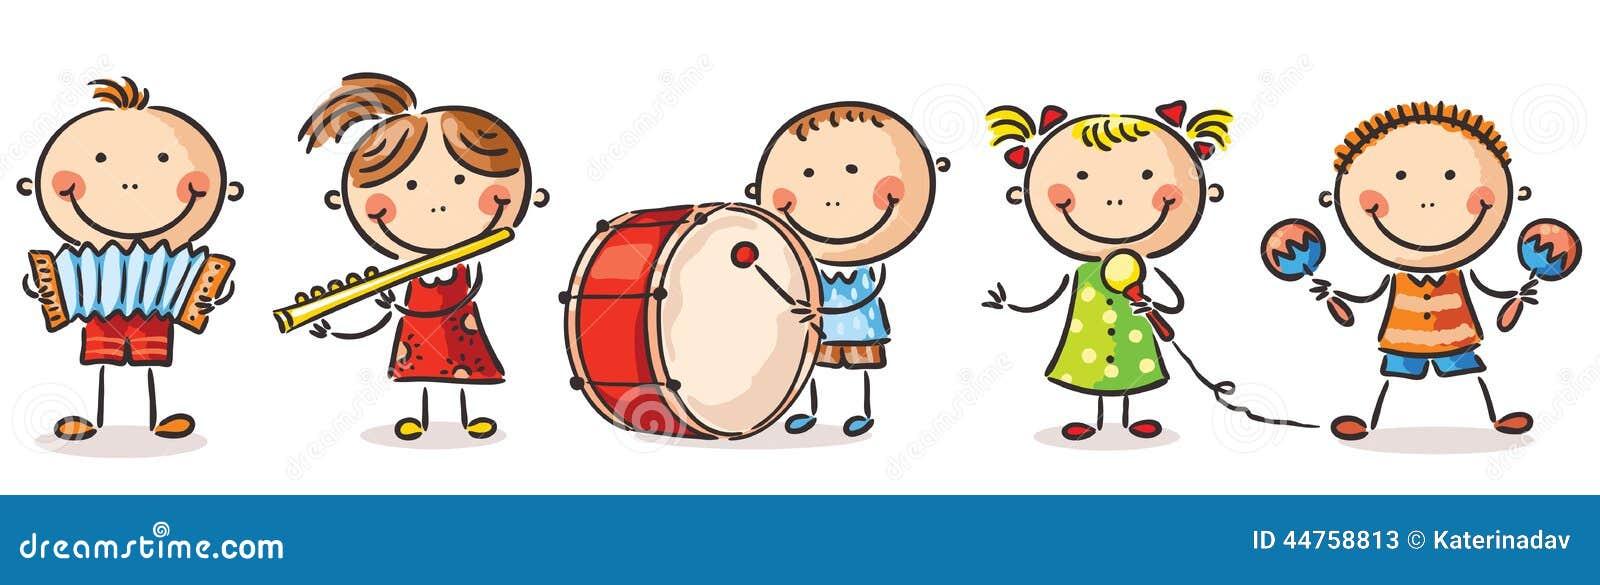 Crianças Que Jogam O Futebol Nos Desenhos Animados Do: Crianças Que Jogam Instrumentos Musicais Diferentes